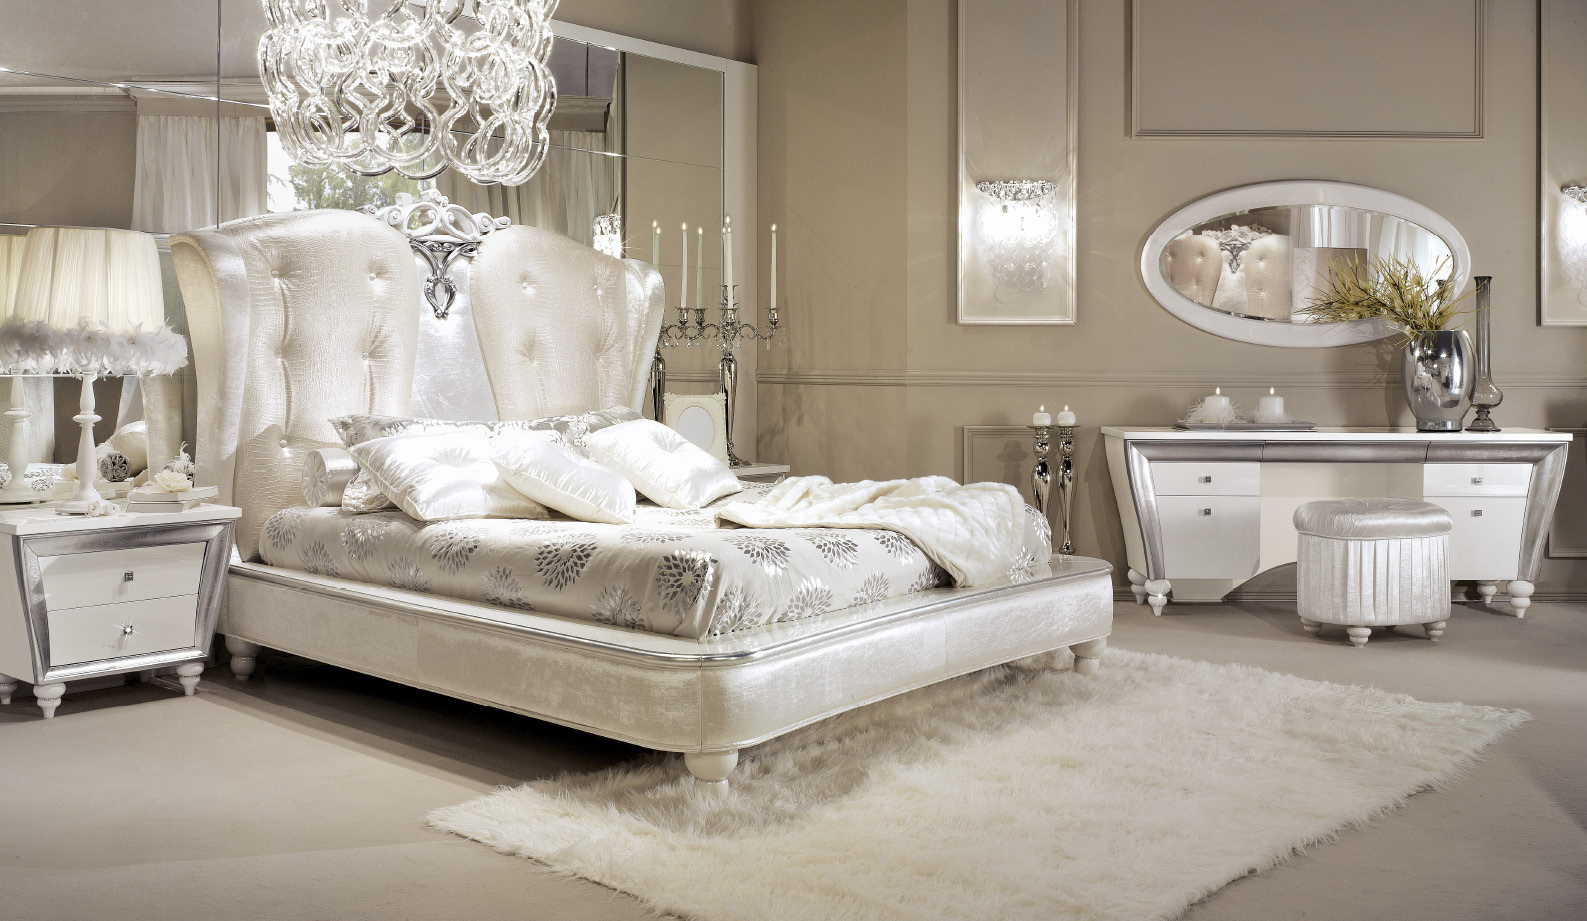 Camere Da Letto Bianche : Camera da letto bianca e argento ecco idee che vi stupiranno